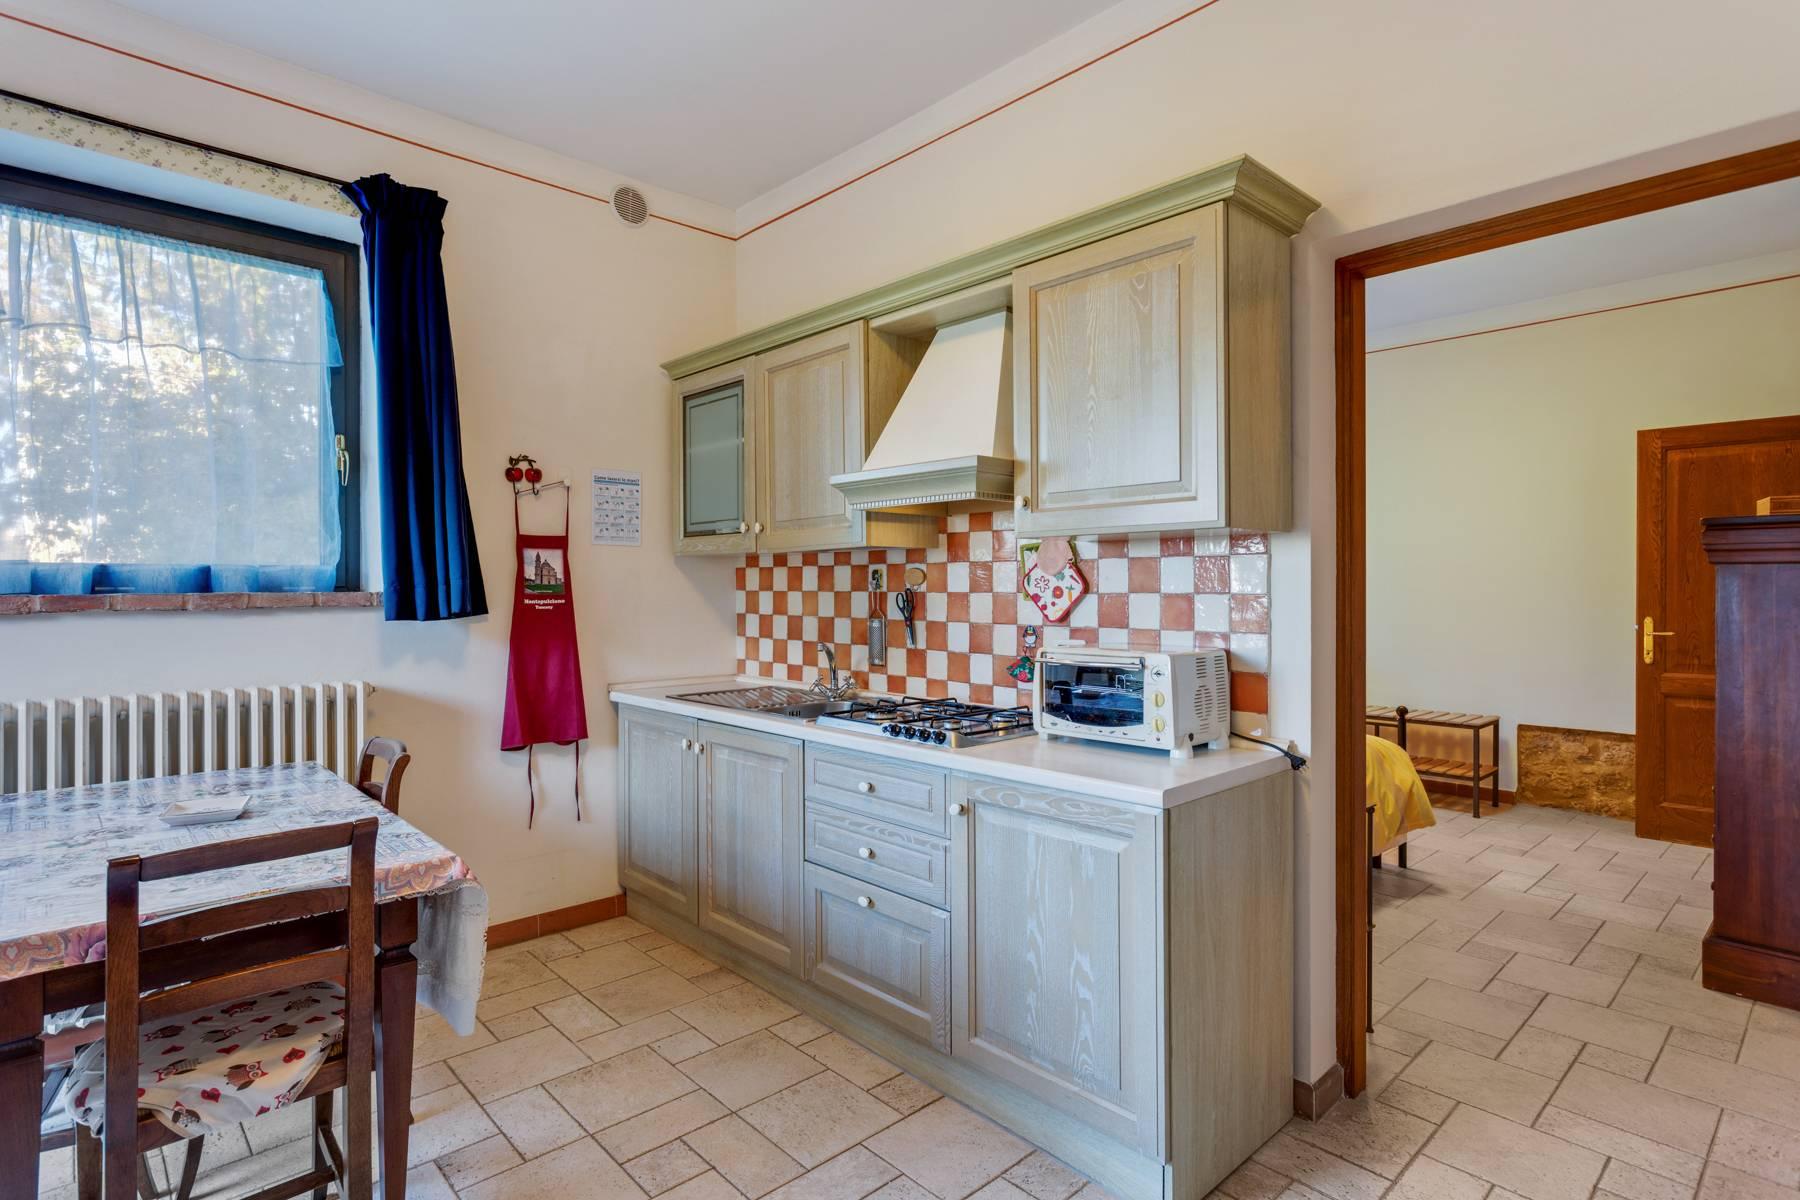 Rustico in Vendita a Montepulciano: 5 locali, 561 mq - Foto 20